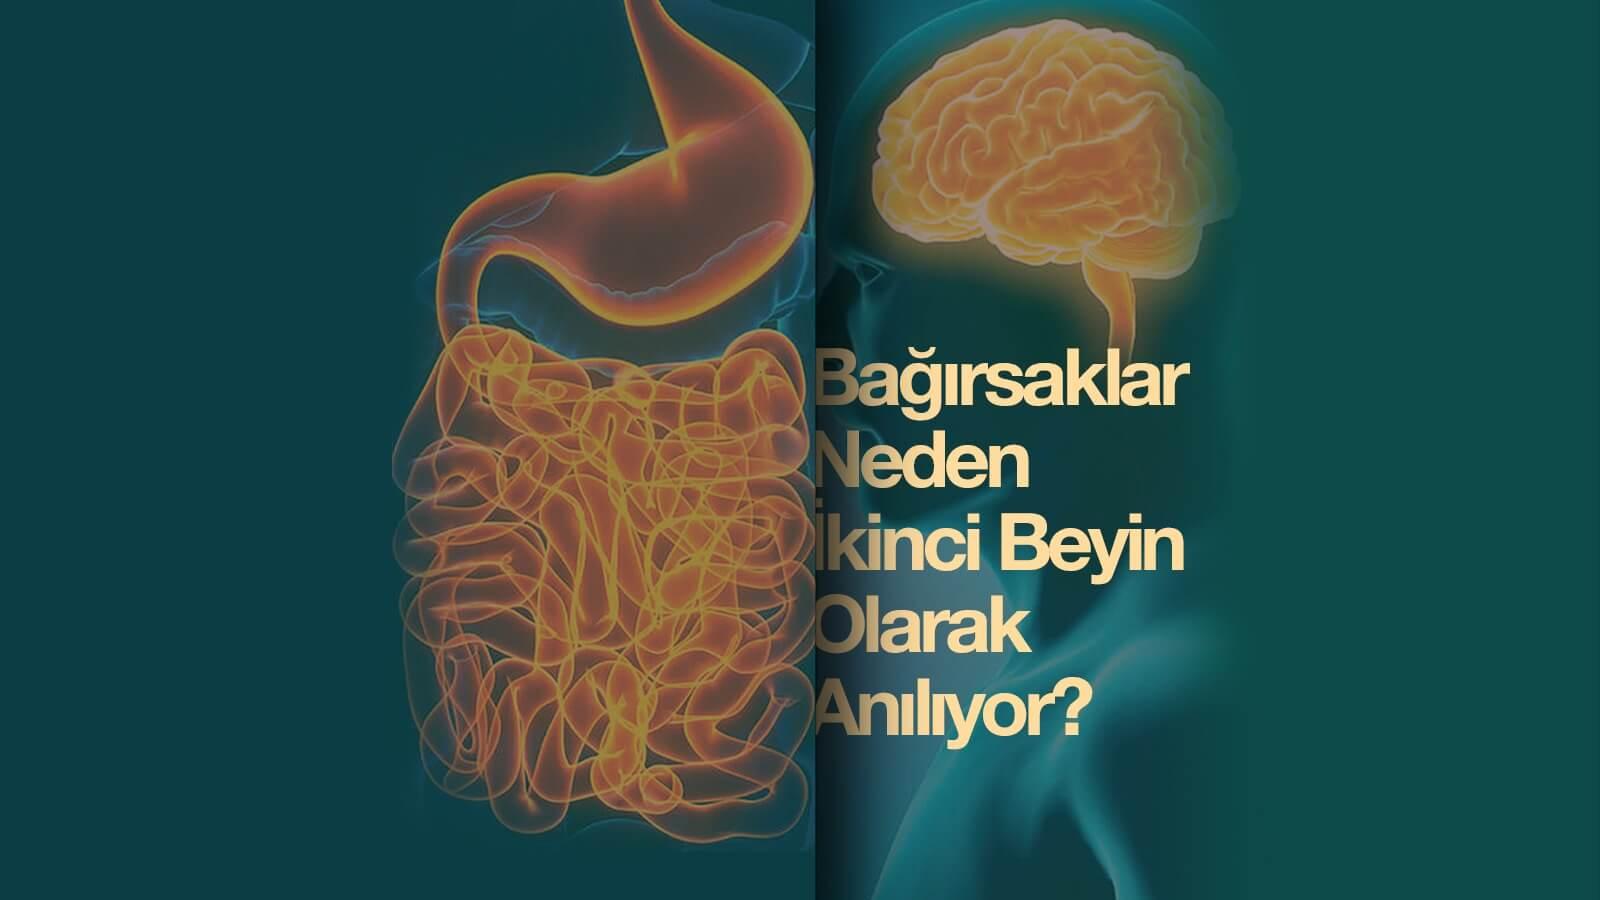 Bağırsaklar Neden ''İkinci Beyin'' Olarak Anılıyor?